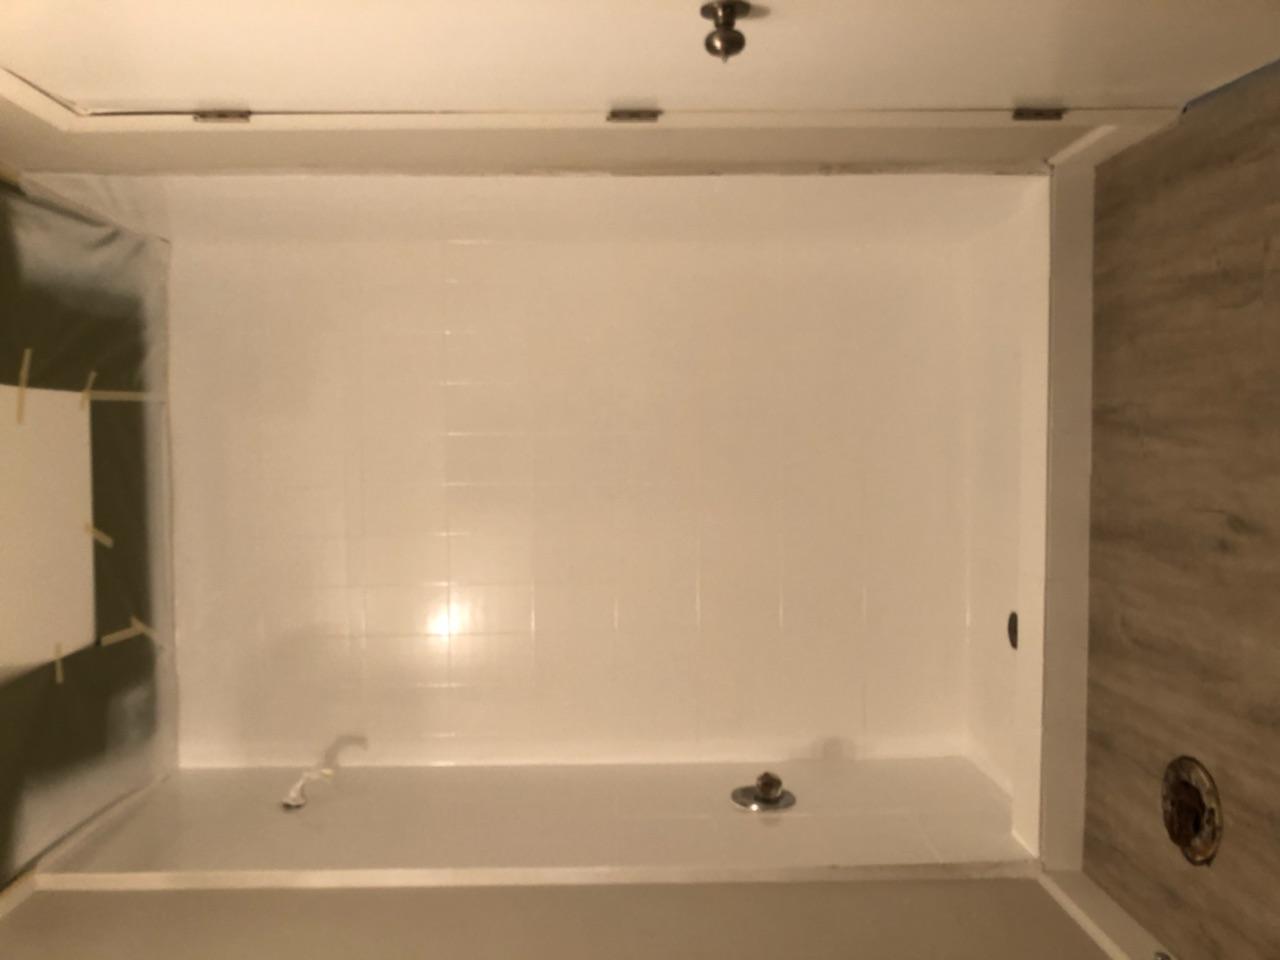 America Bathtub   Bathtub Refinishing in Miami, FL (305) 752-3222